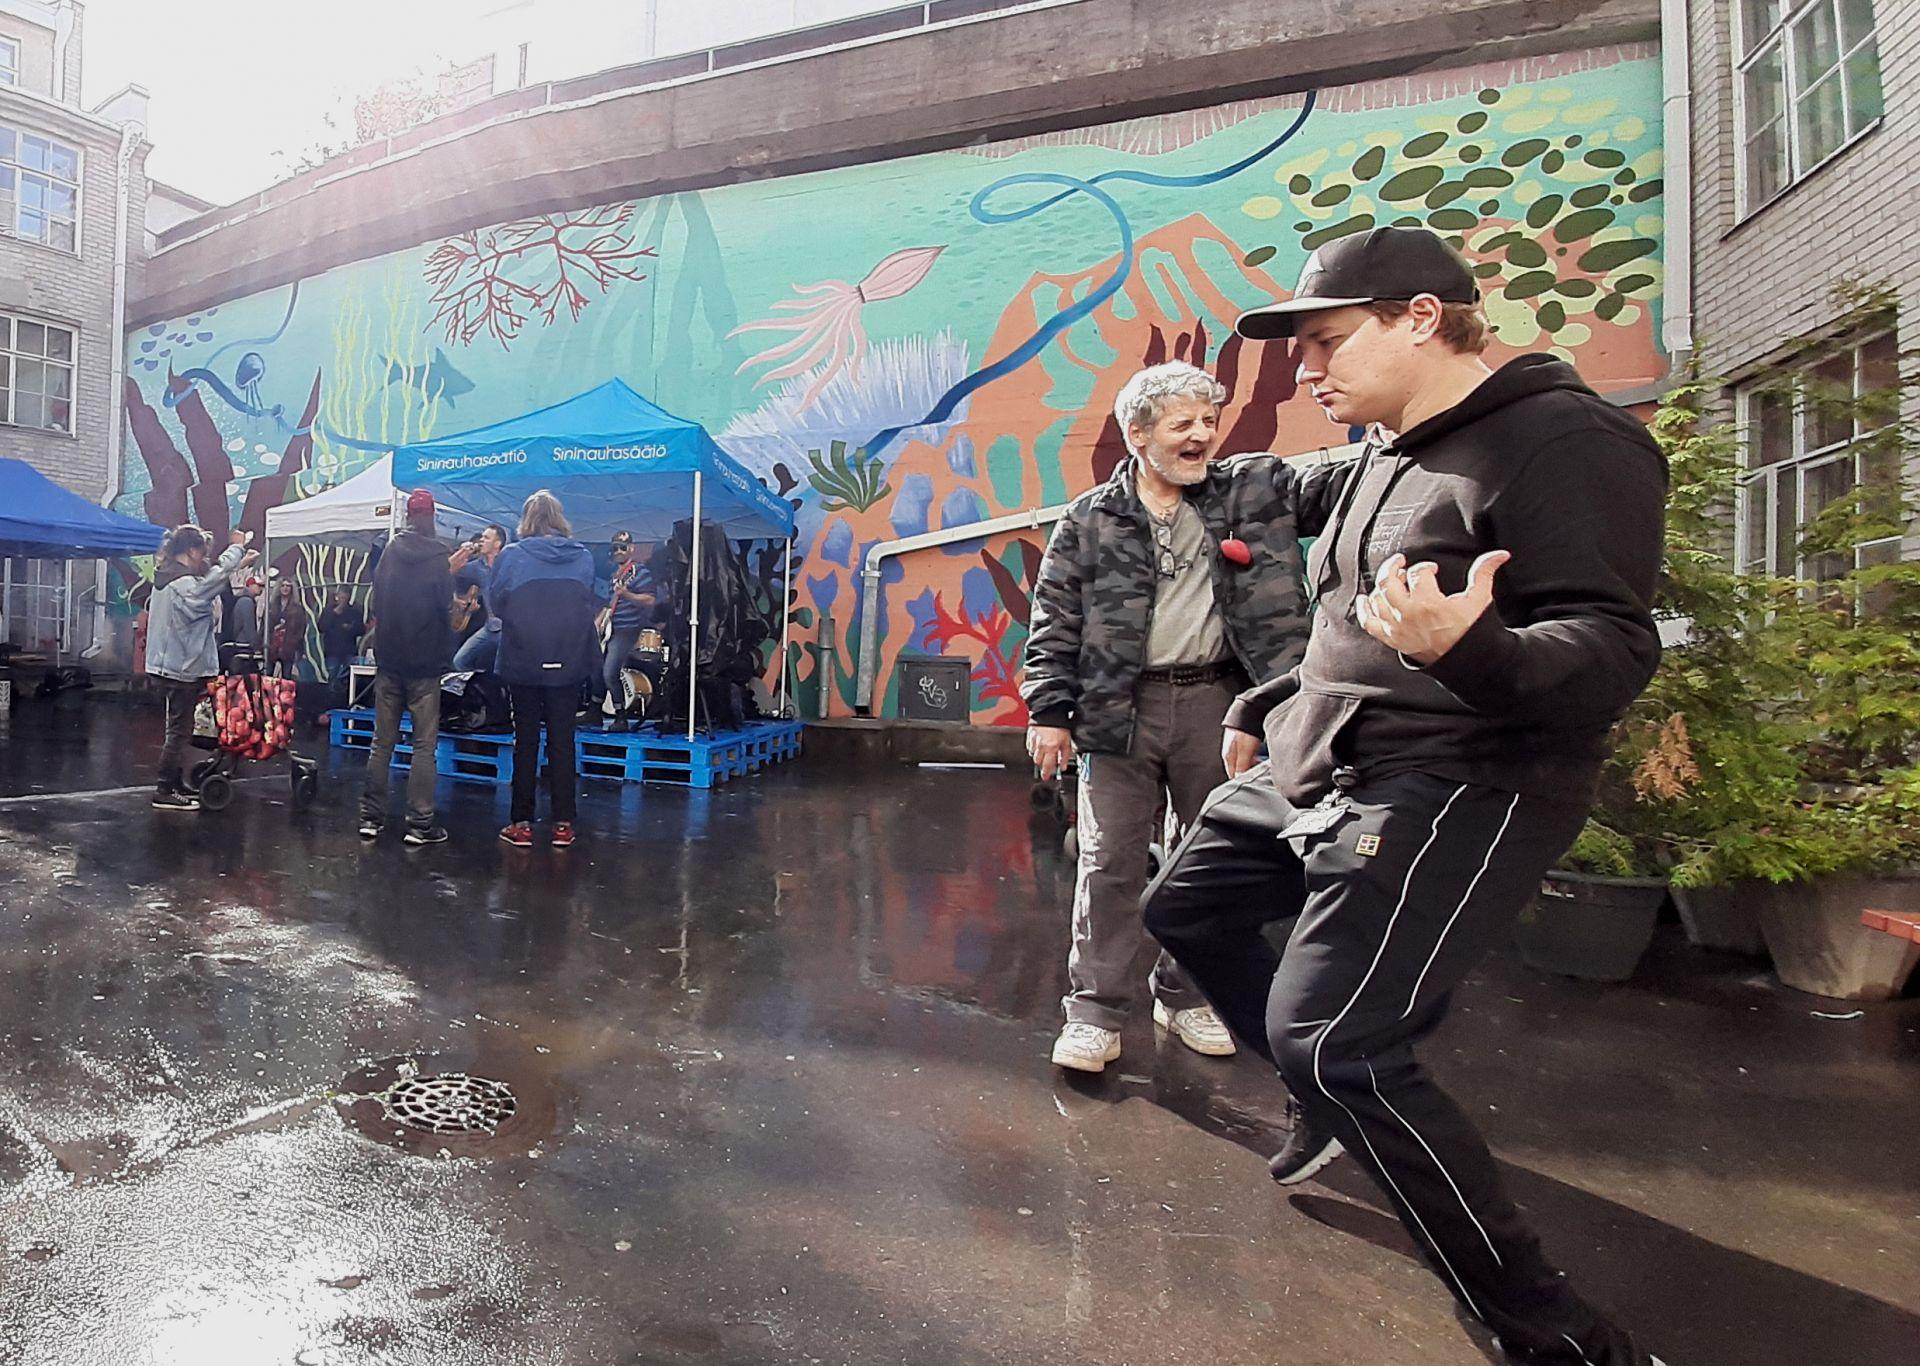 Mies soittaa ilmakitaraa Mäkelänkatu 50 sisäpihalla ja taustalla bändi soittaa pienelle yleisölle sinisten eurolavojen päällä.